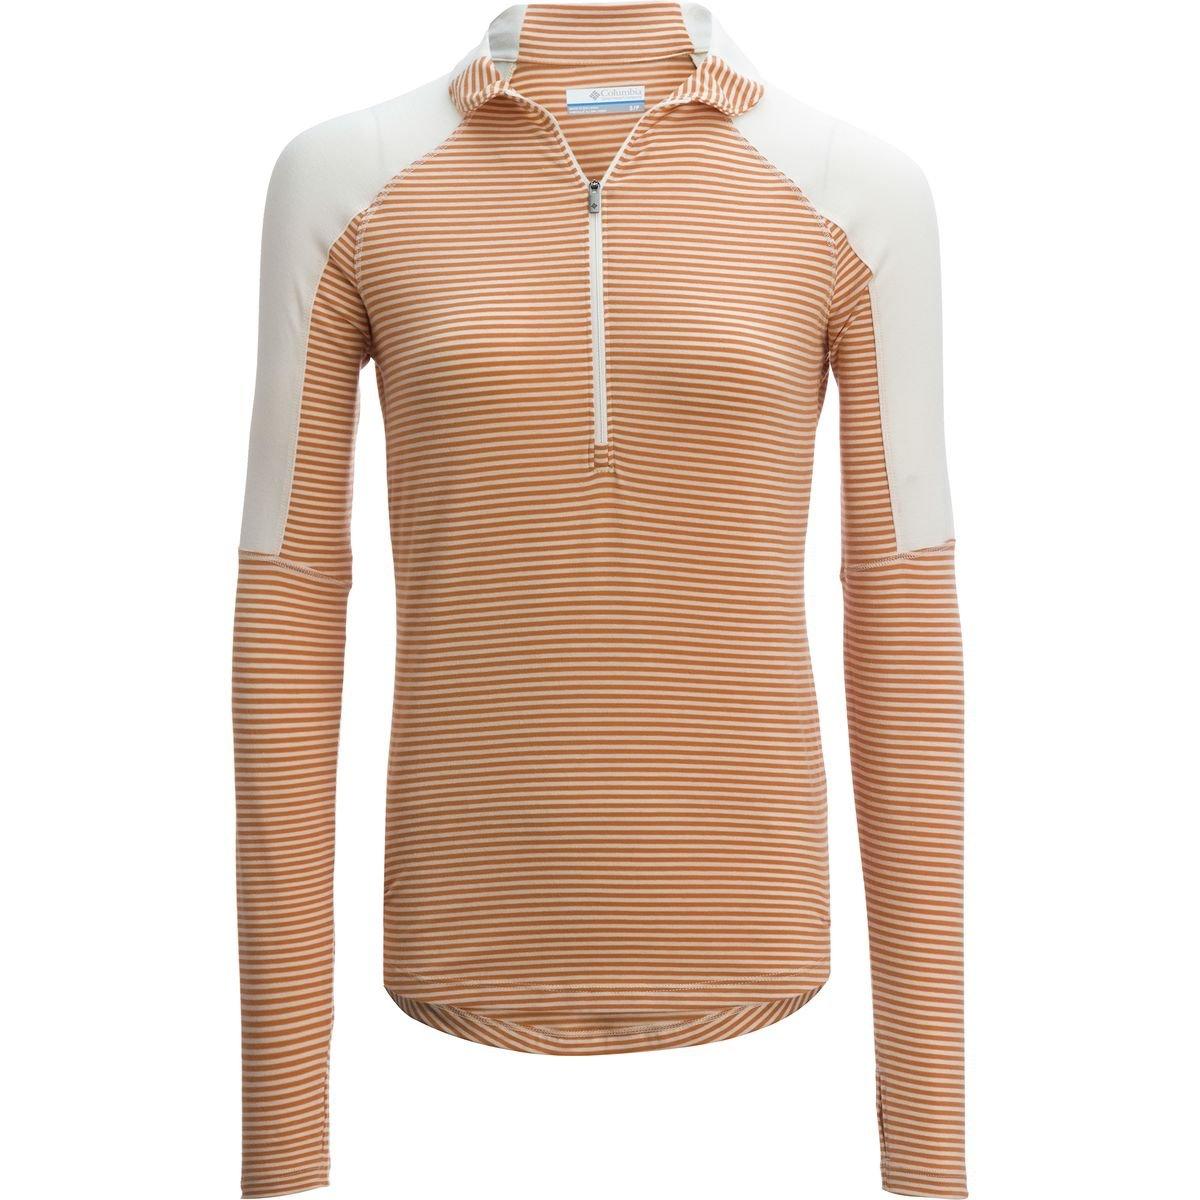 (コロンビア) Columbia Layer Upward 1/2-Zip Shirt - Women'sレディース バックパック リュック Chalk [並行輸入品] B074K2T7T9  S